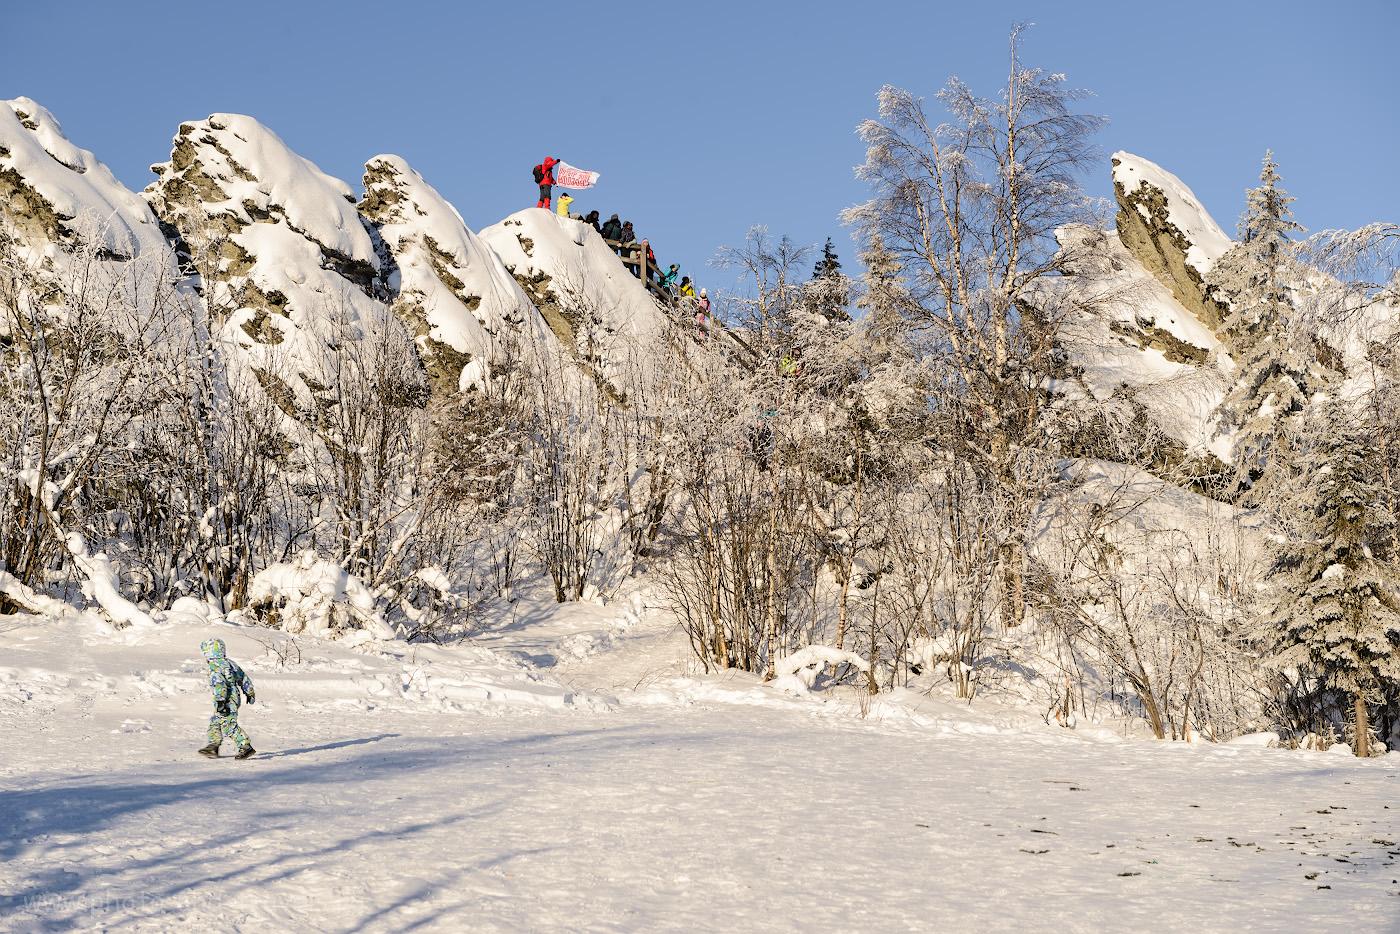 Фото 23. Группа туристов на вершине горы Колпаки в Пермском крае. Очередь на оборудованную смотровую площадку на скалах. 1/125, +0.67, 8.0, 62.